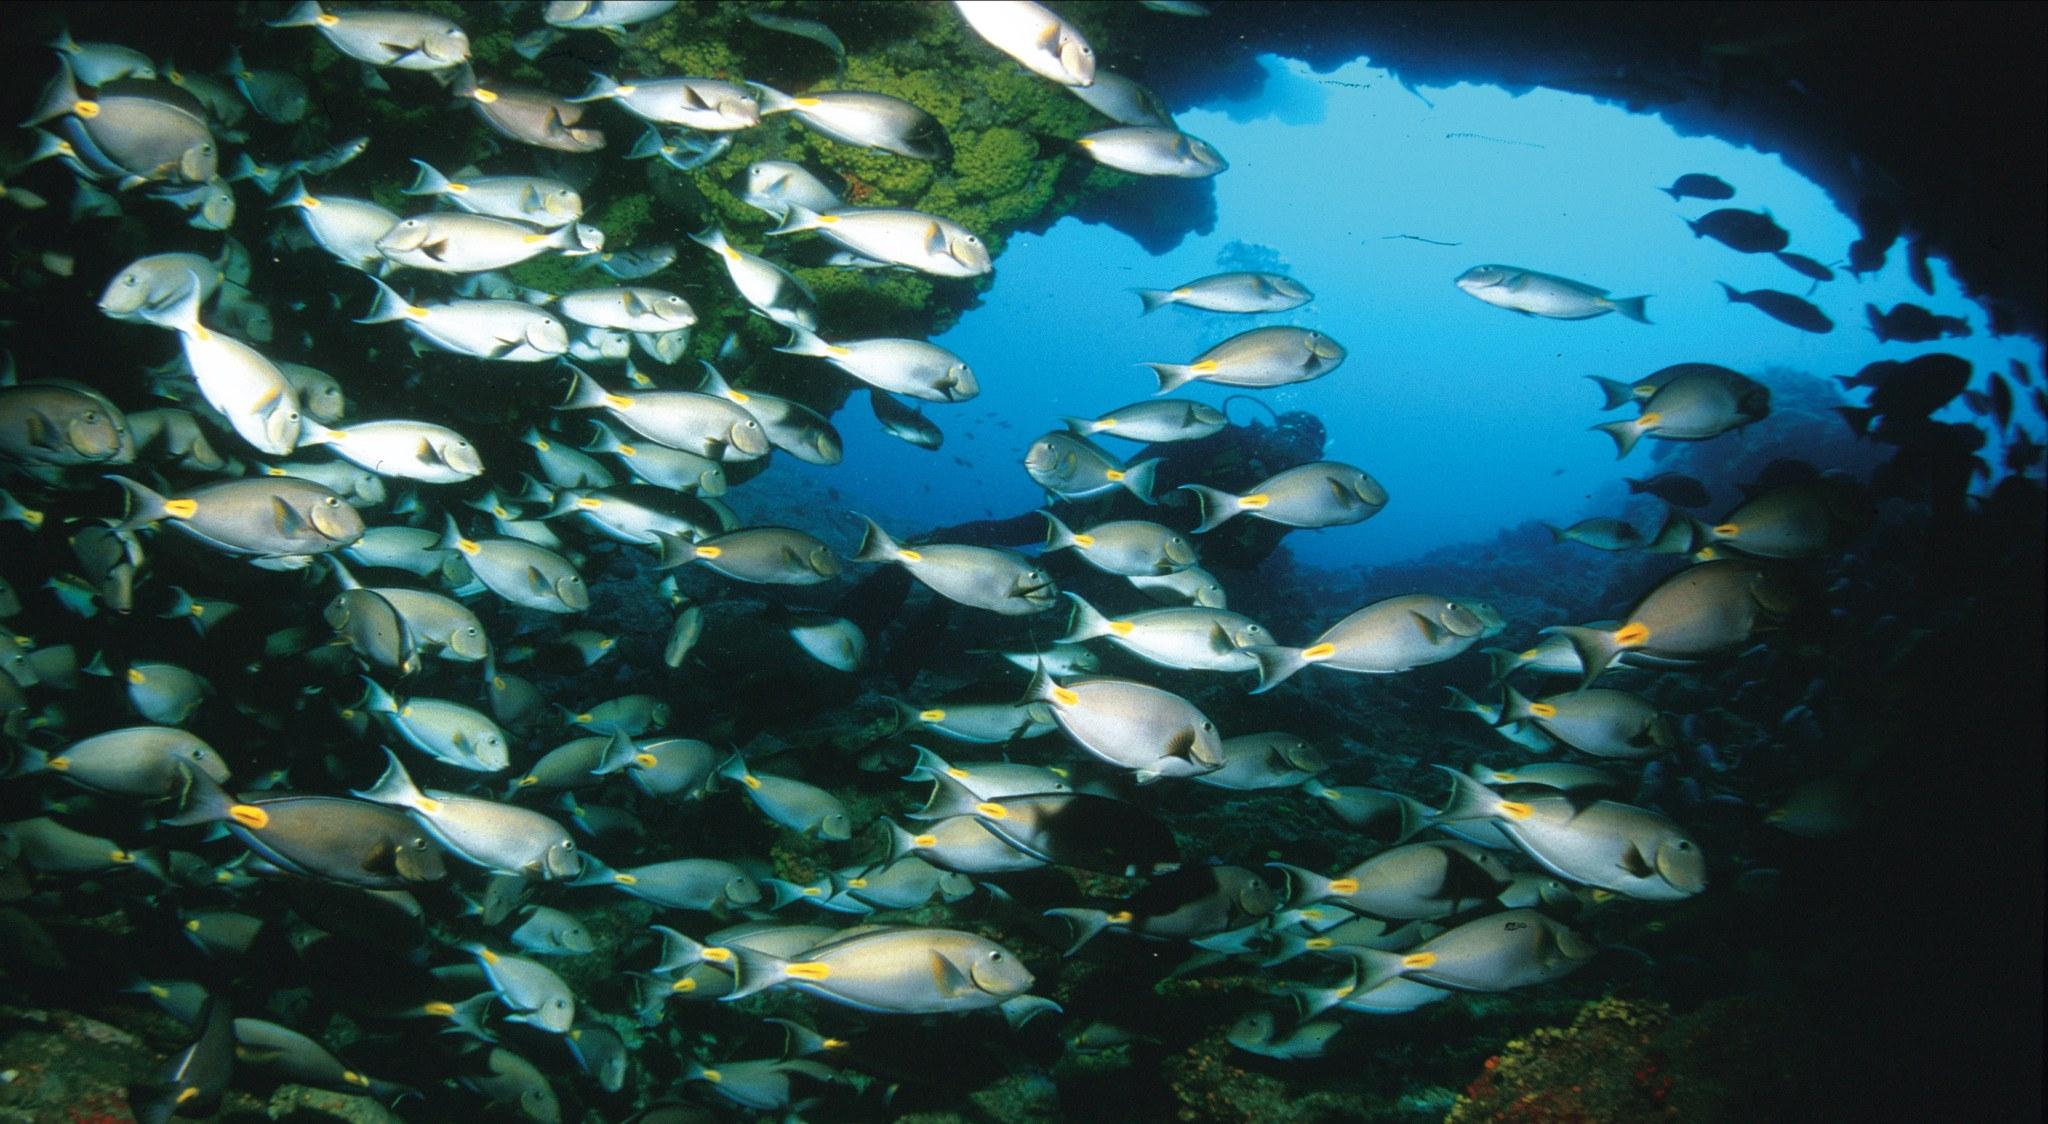 Wenn Sie auf den Kapverden tauchen, werden Ihnen riesige Fischschwärme, wie hier auf dem Bild begegnen.